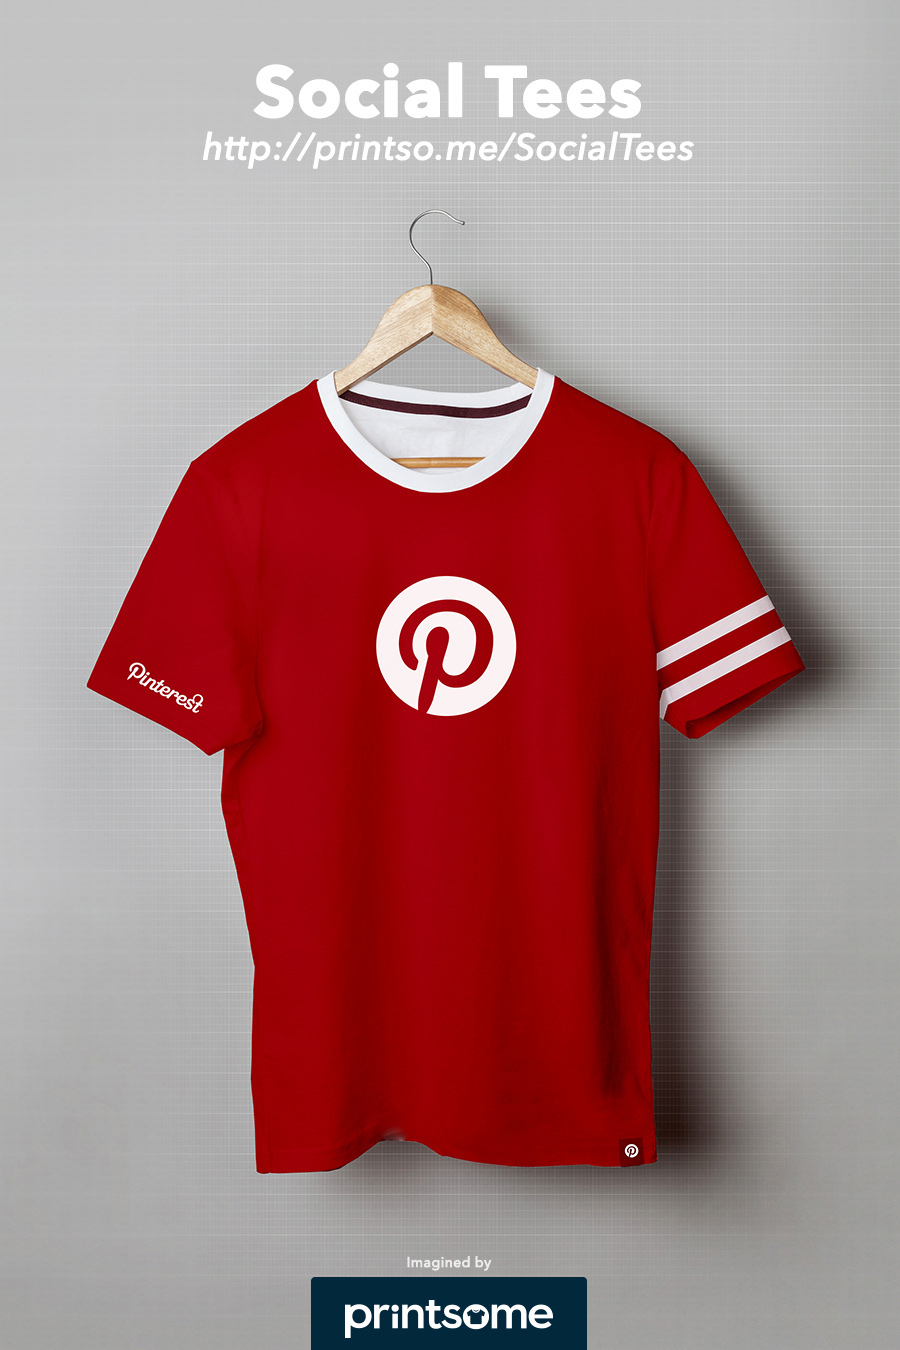 social tees social network t shirts